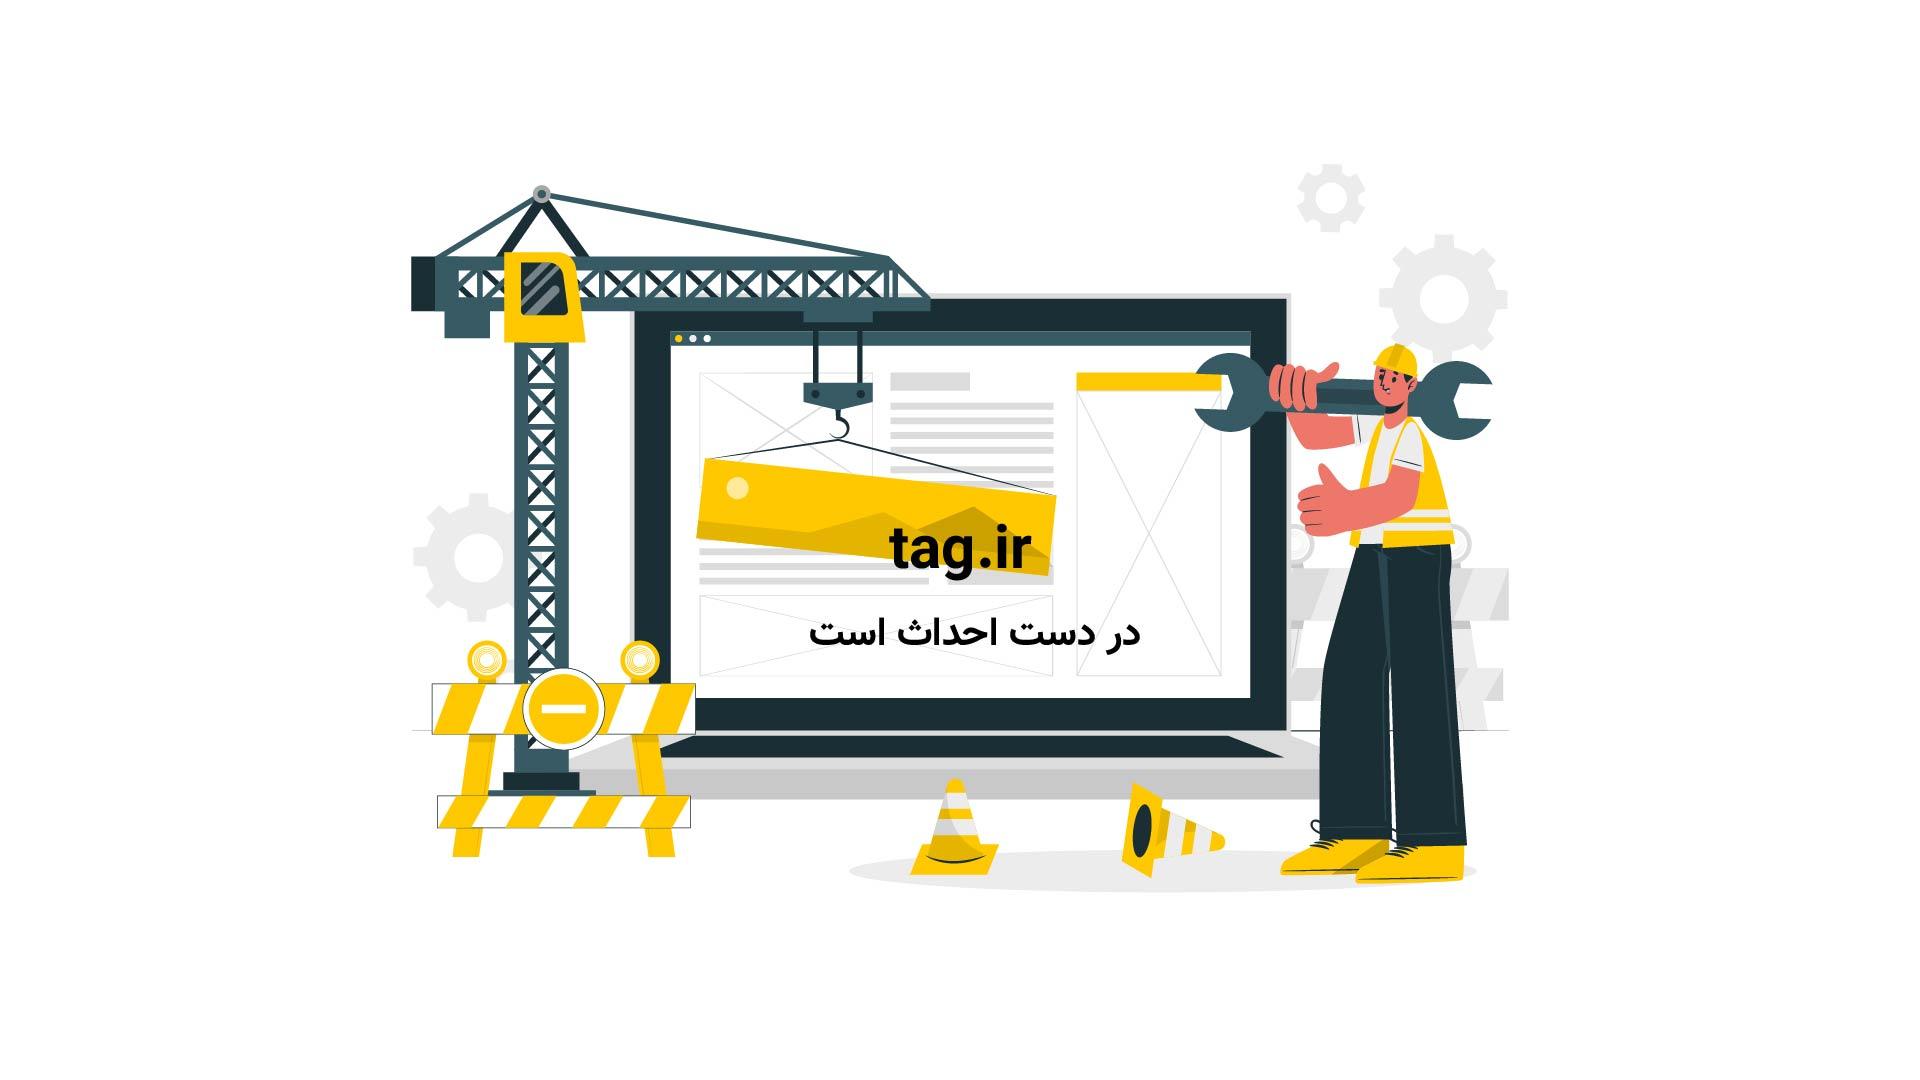 صحبت های اشکان خطیبی با محمد متین نصیری پیش از اجرای استندآپ کمدی | فیلم